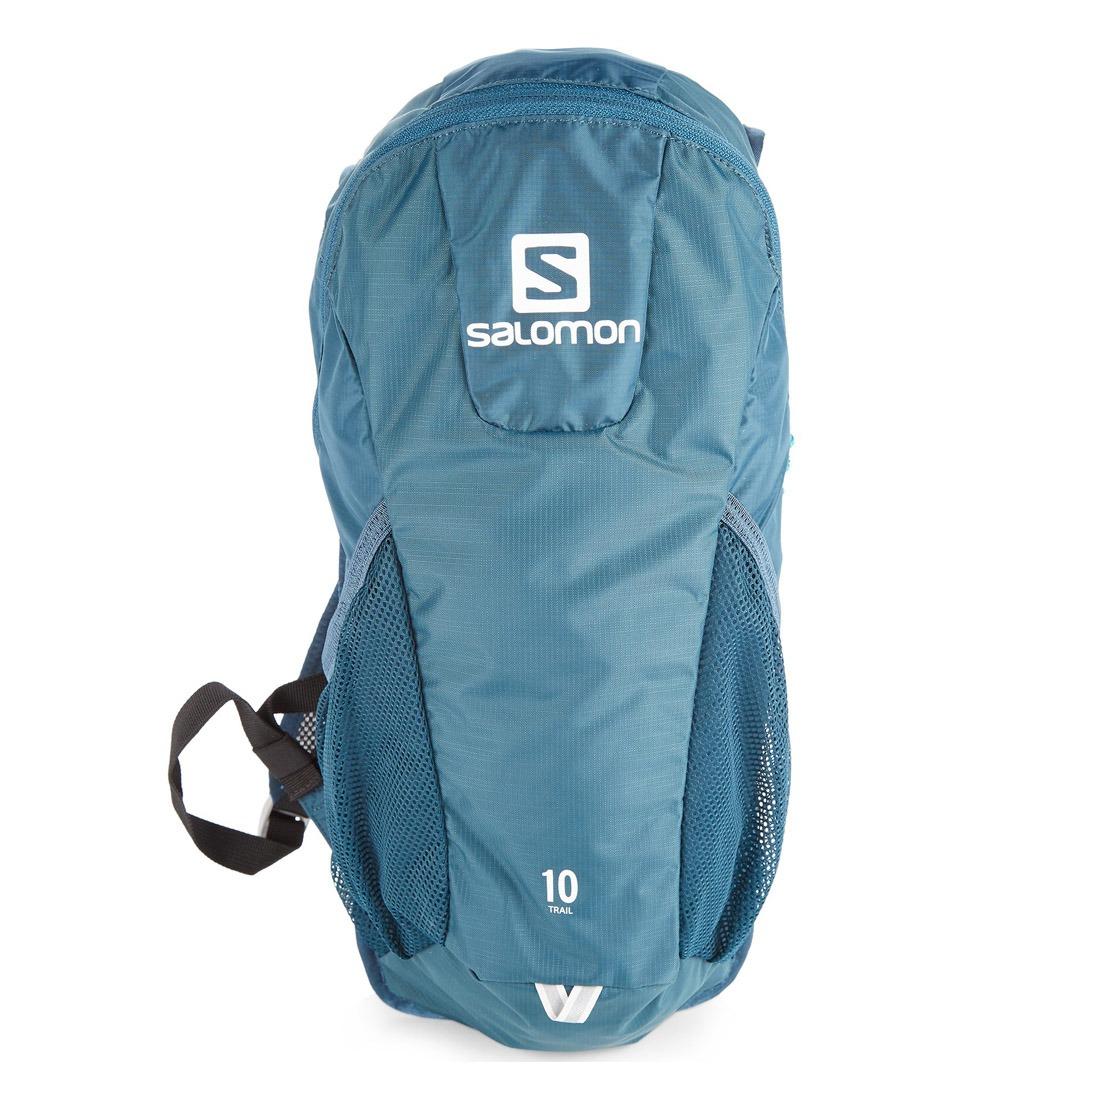 83eecabc031 mochila hidratación backpack correr trail 10 verde salomon. Cargando zoom.